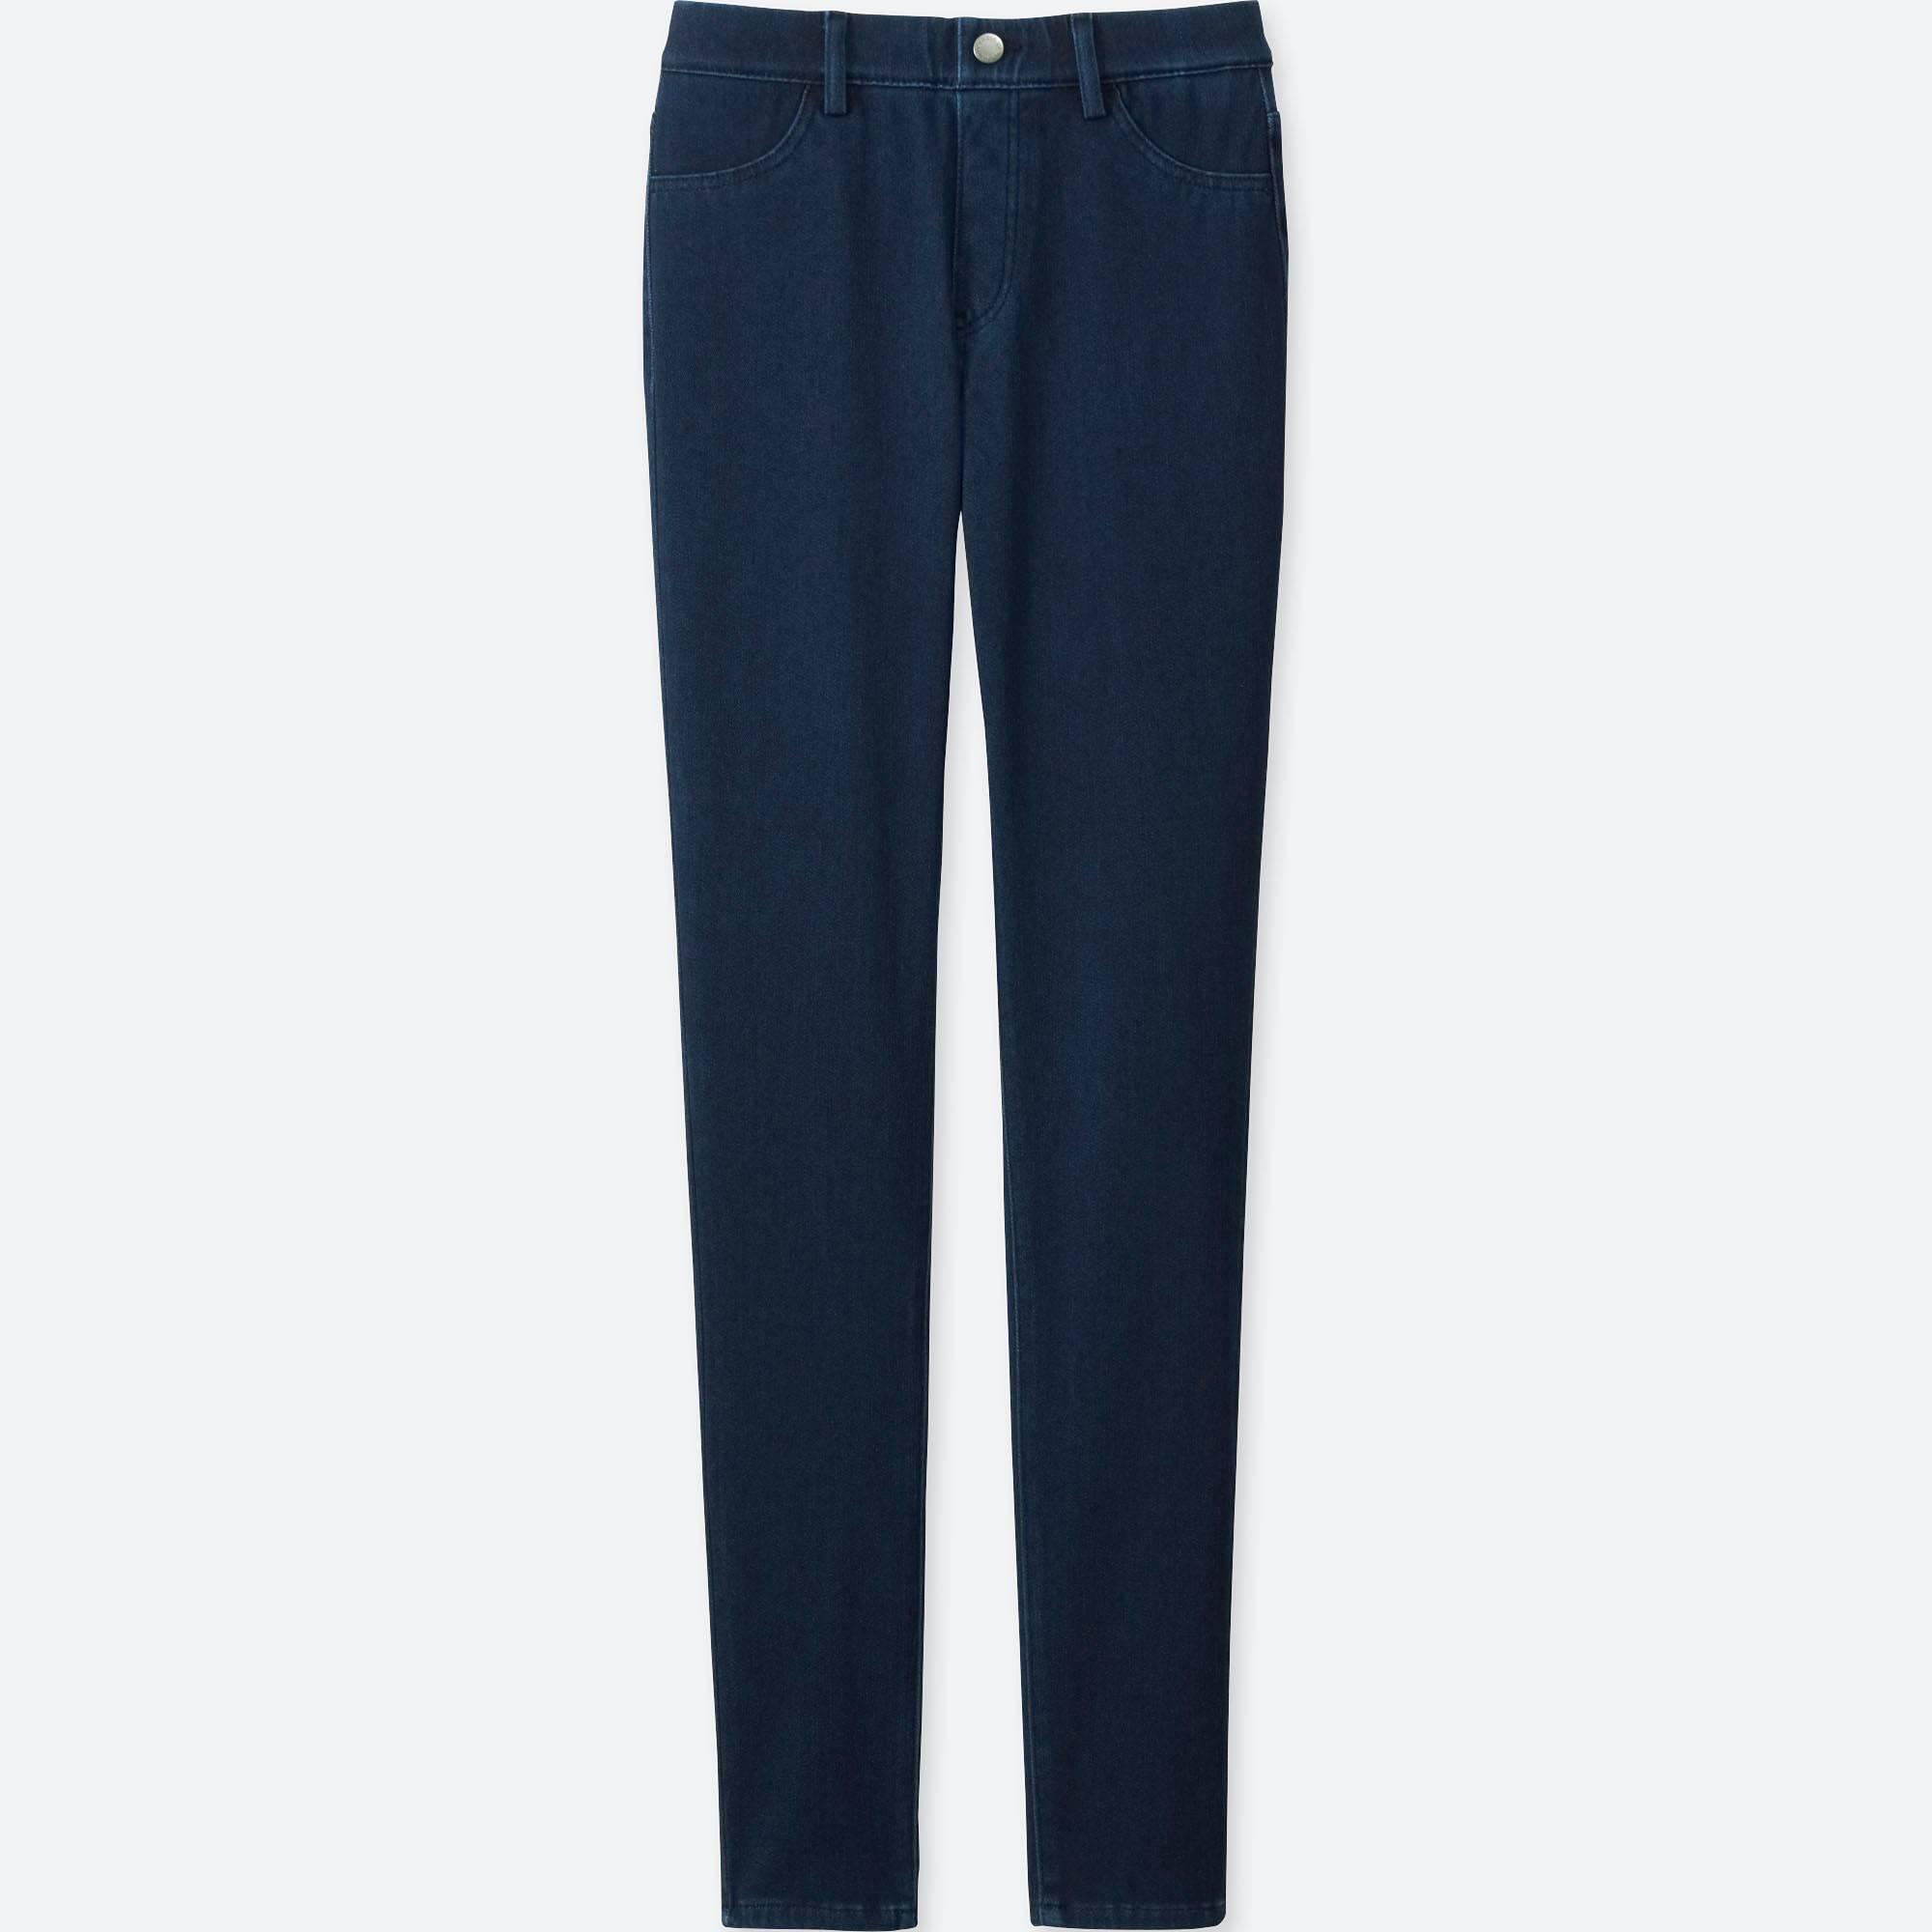 Women's Pants | UNIQLO US